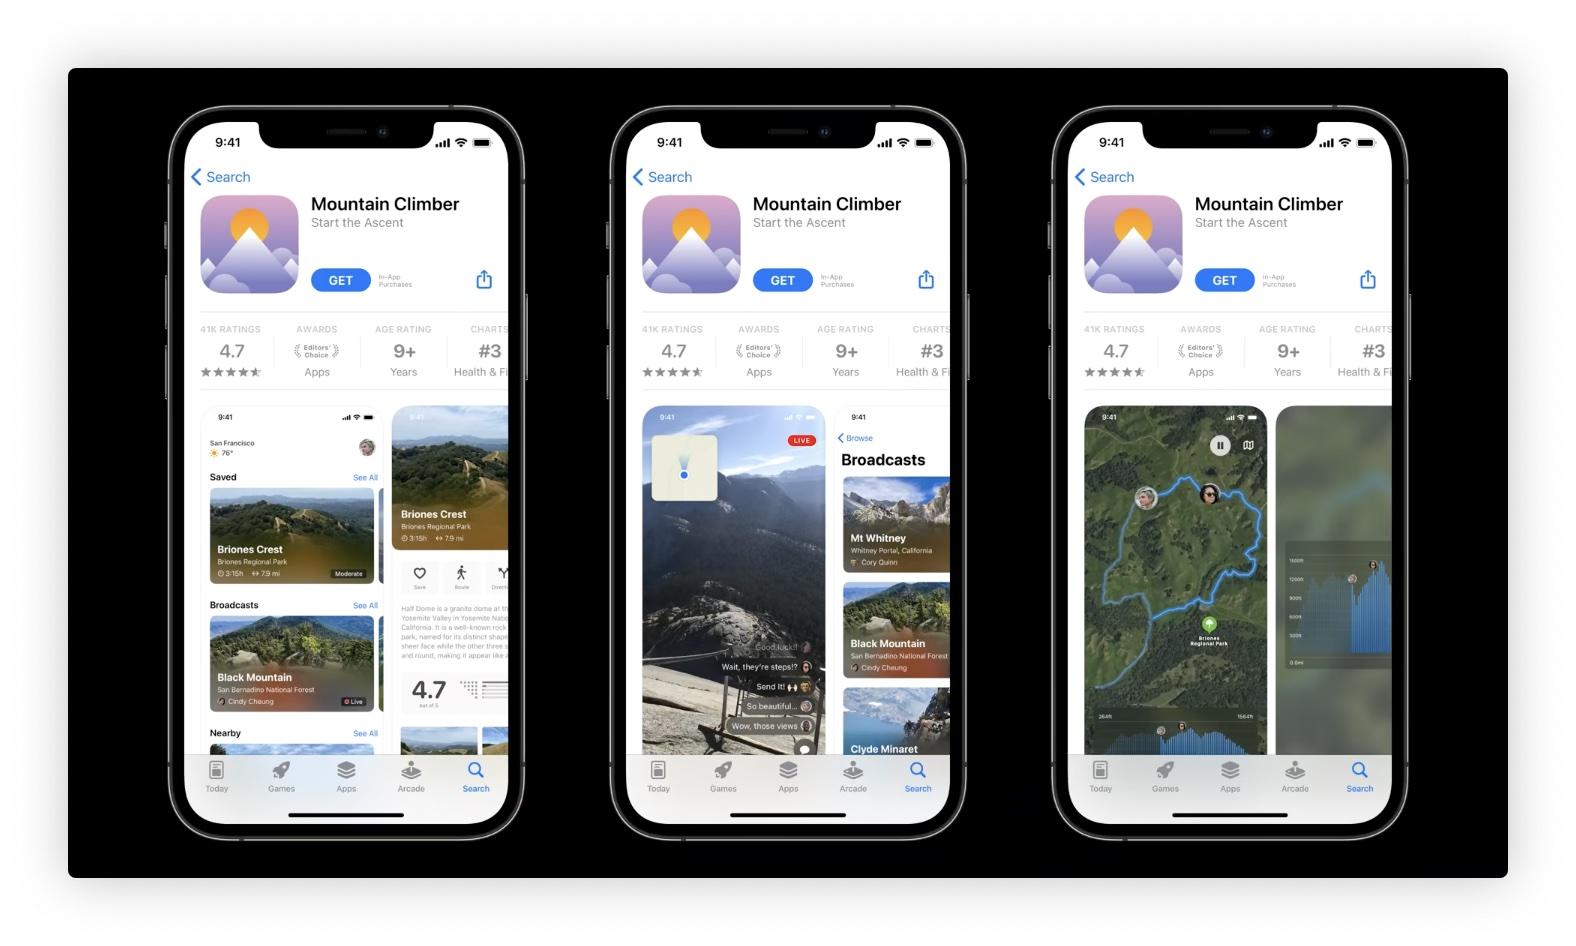 App Store in iOS 15